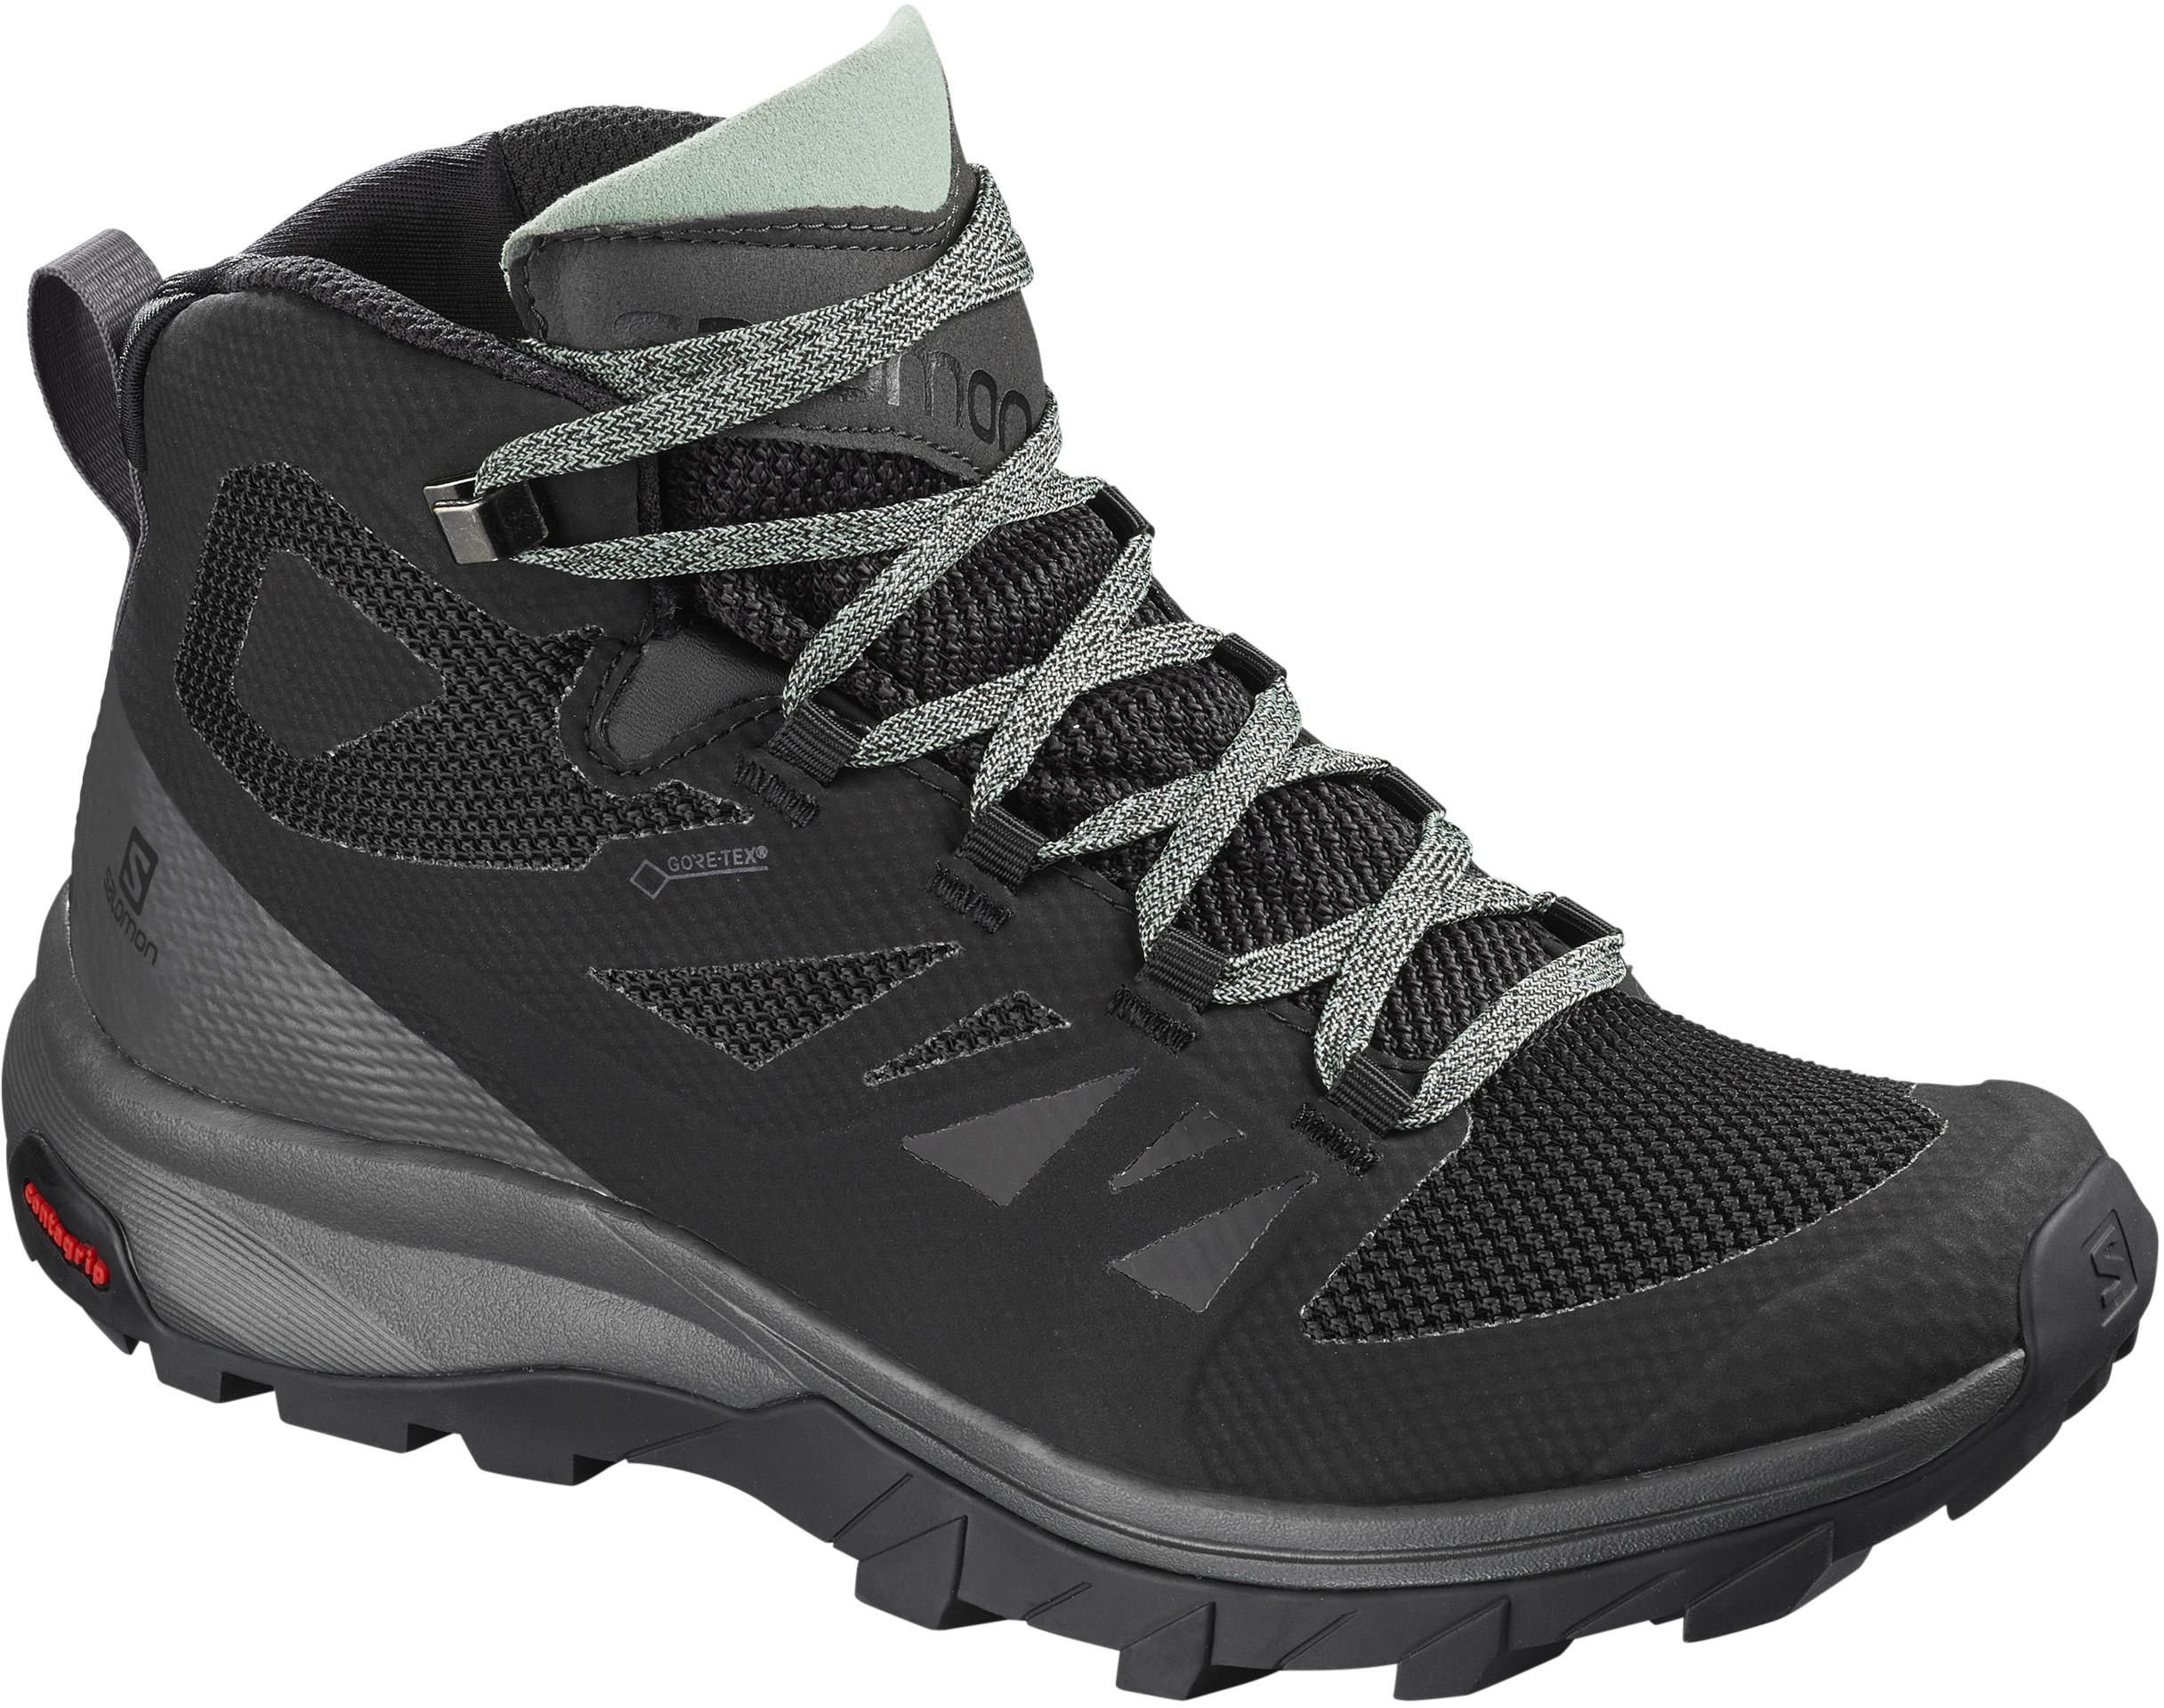 premium selection 86e0c d4043 Salomon OUTline Mid Gore-Tex Trail Shoes - Women's